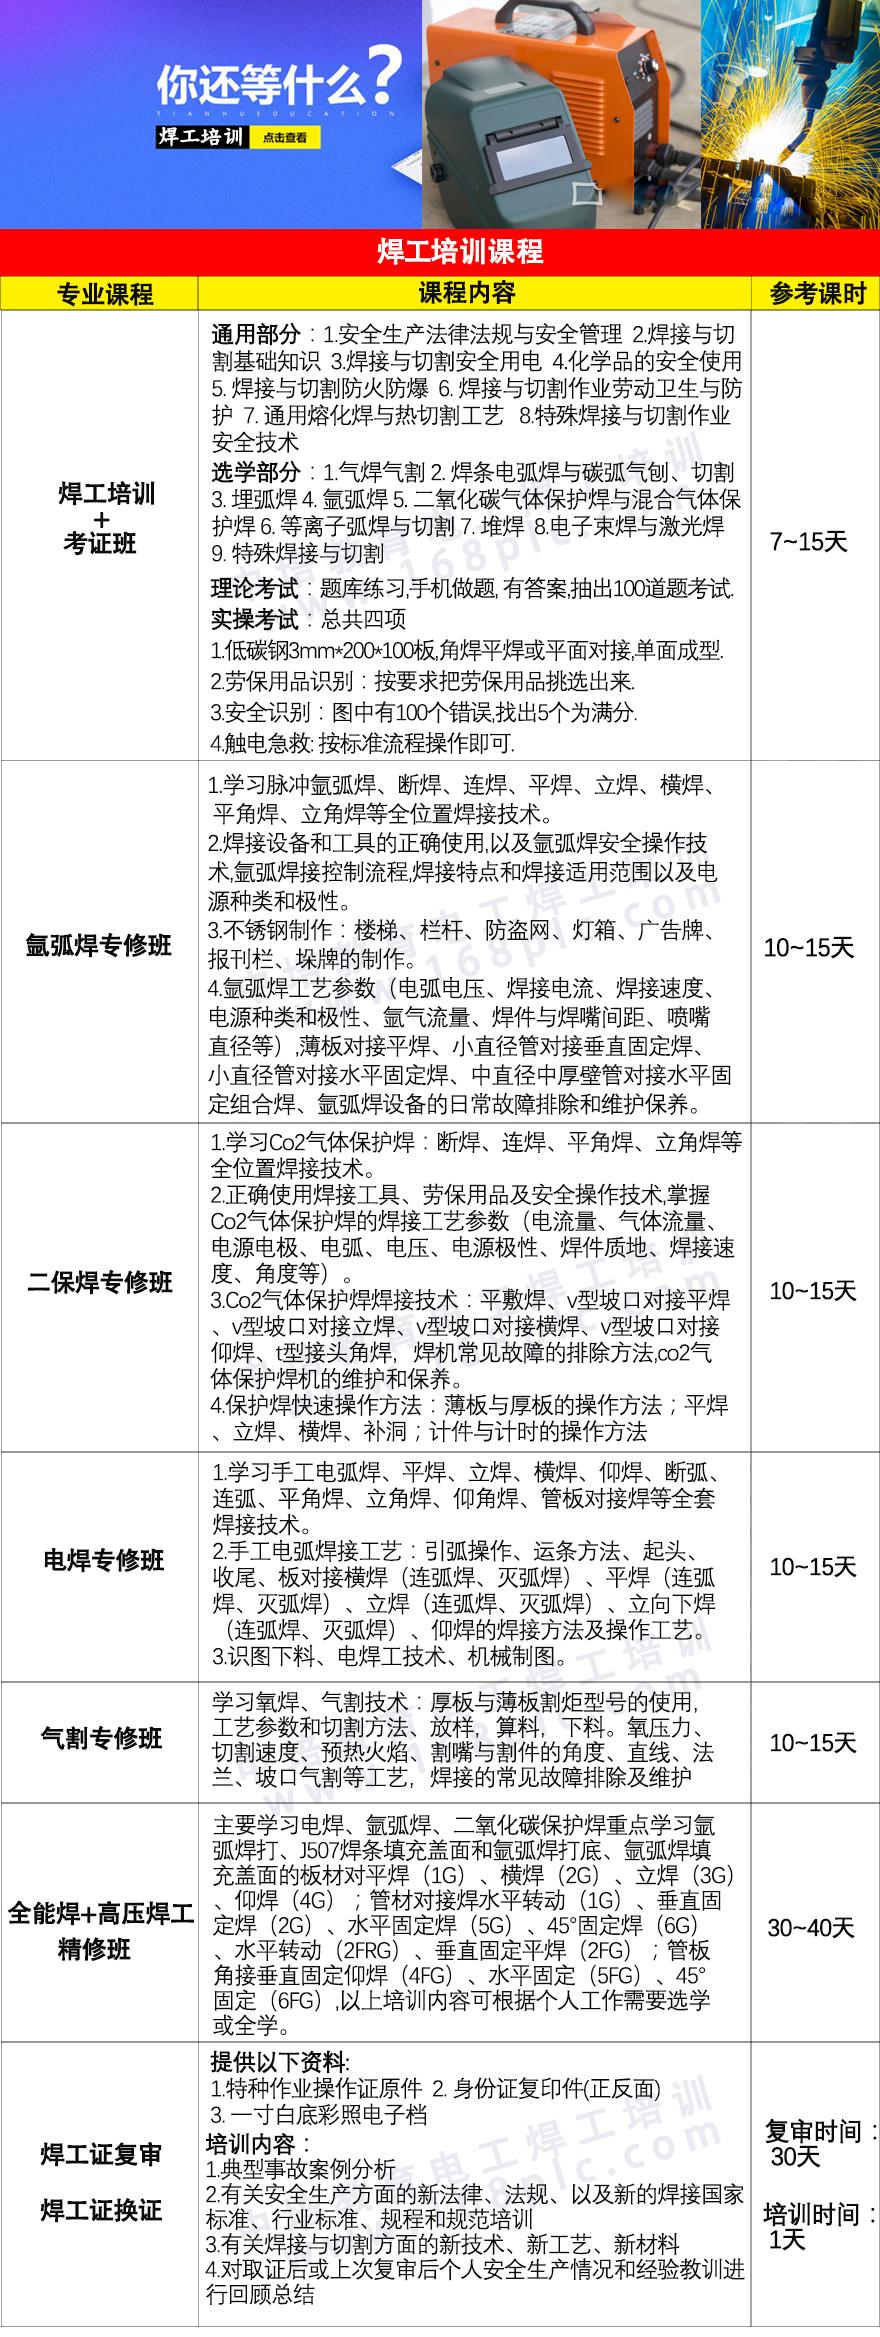 焊工操作证办理-焊工证书-焊工上岗证考试-政府补贴1200元